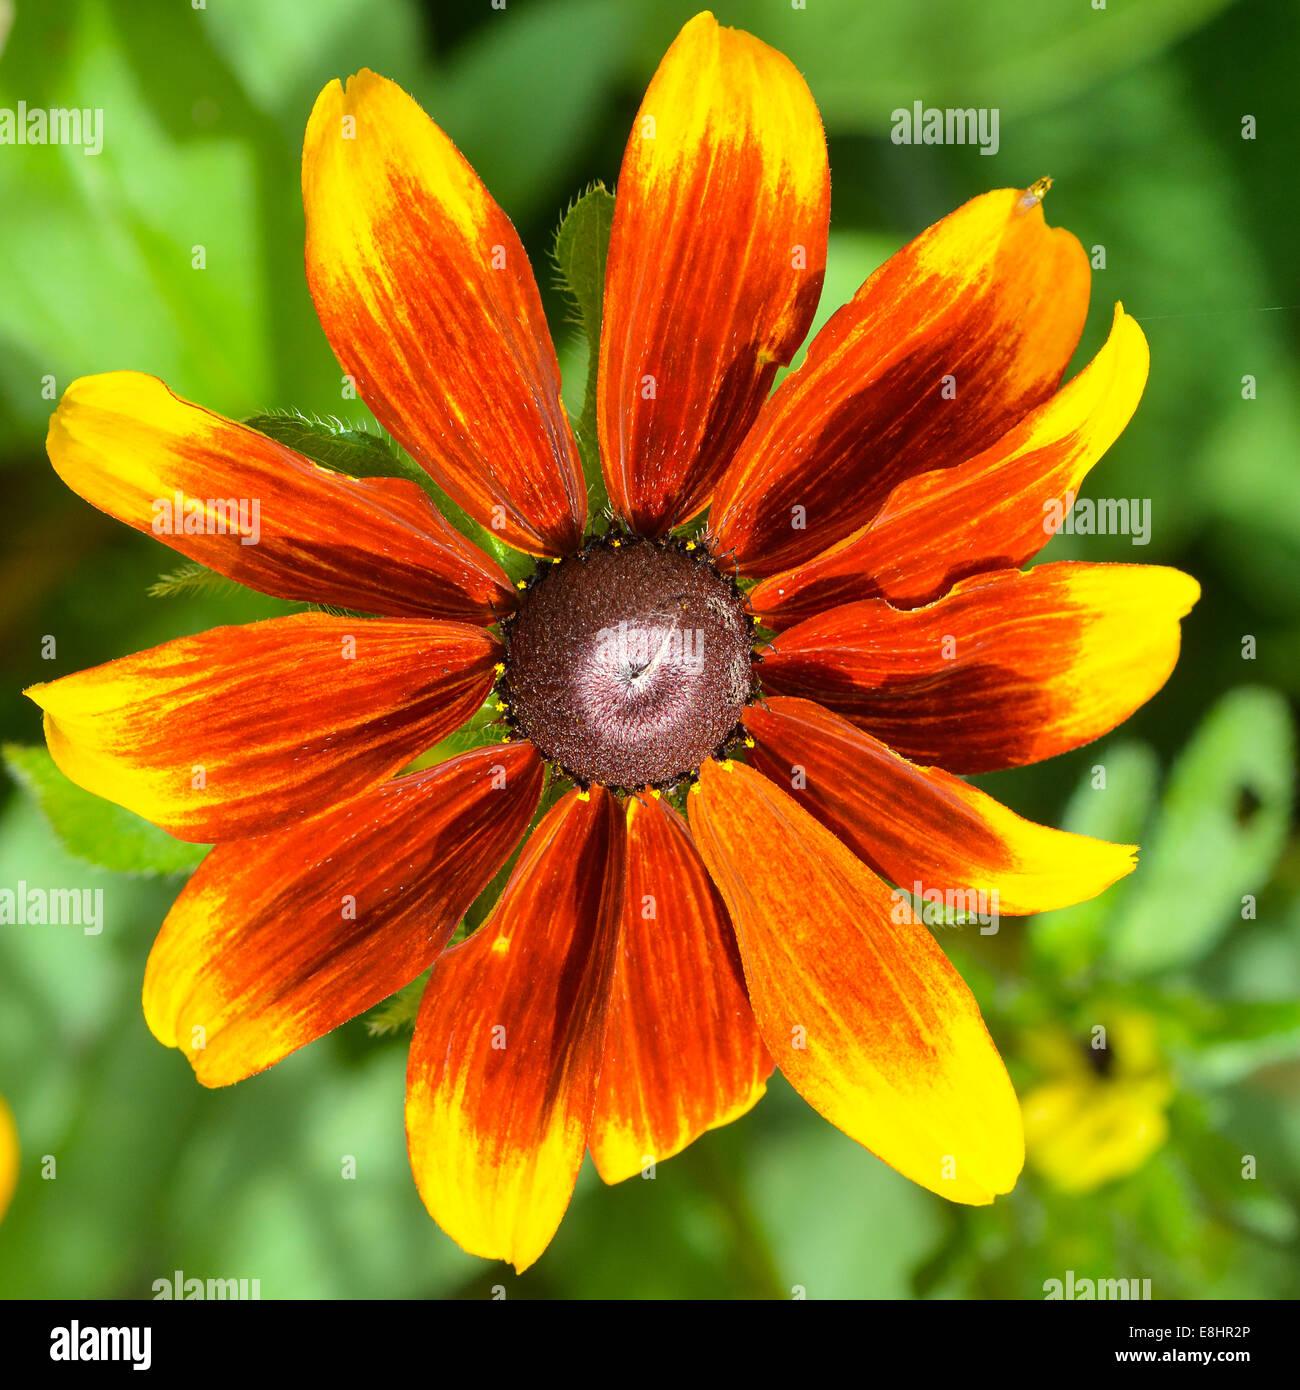 Cerca, la fotografía de formato cuadrado de un Black-eyed Susan flor Foto de stock